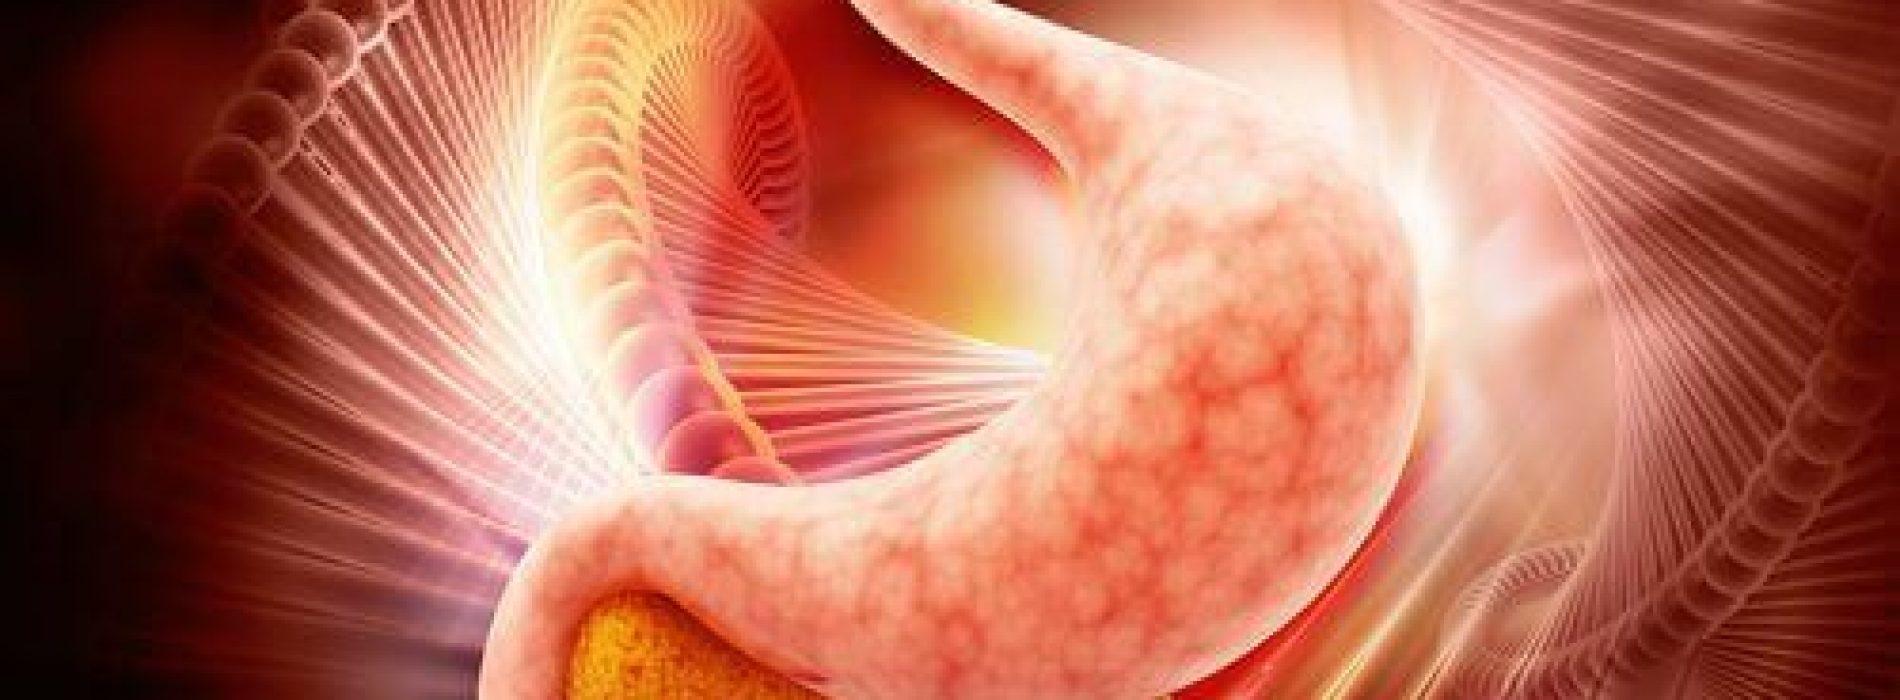 Deze belangrijke techniek kan maagkanker binnen 2 (!!) uur opsporen.. Baanbrekend onderzoek!